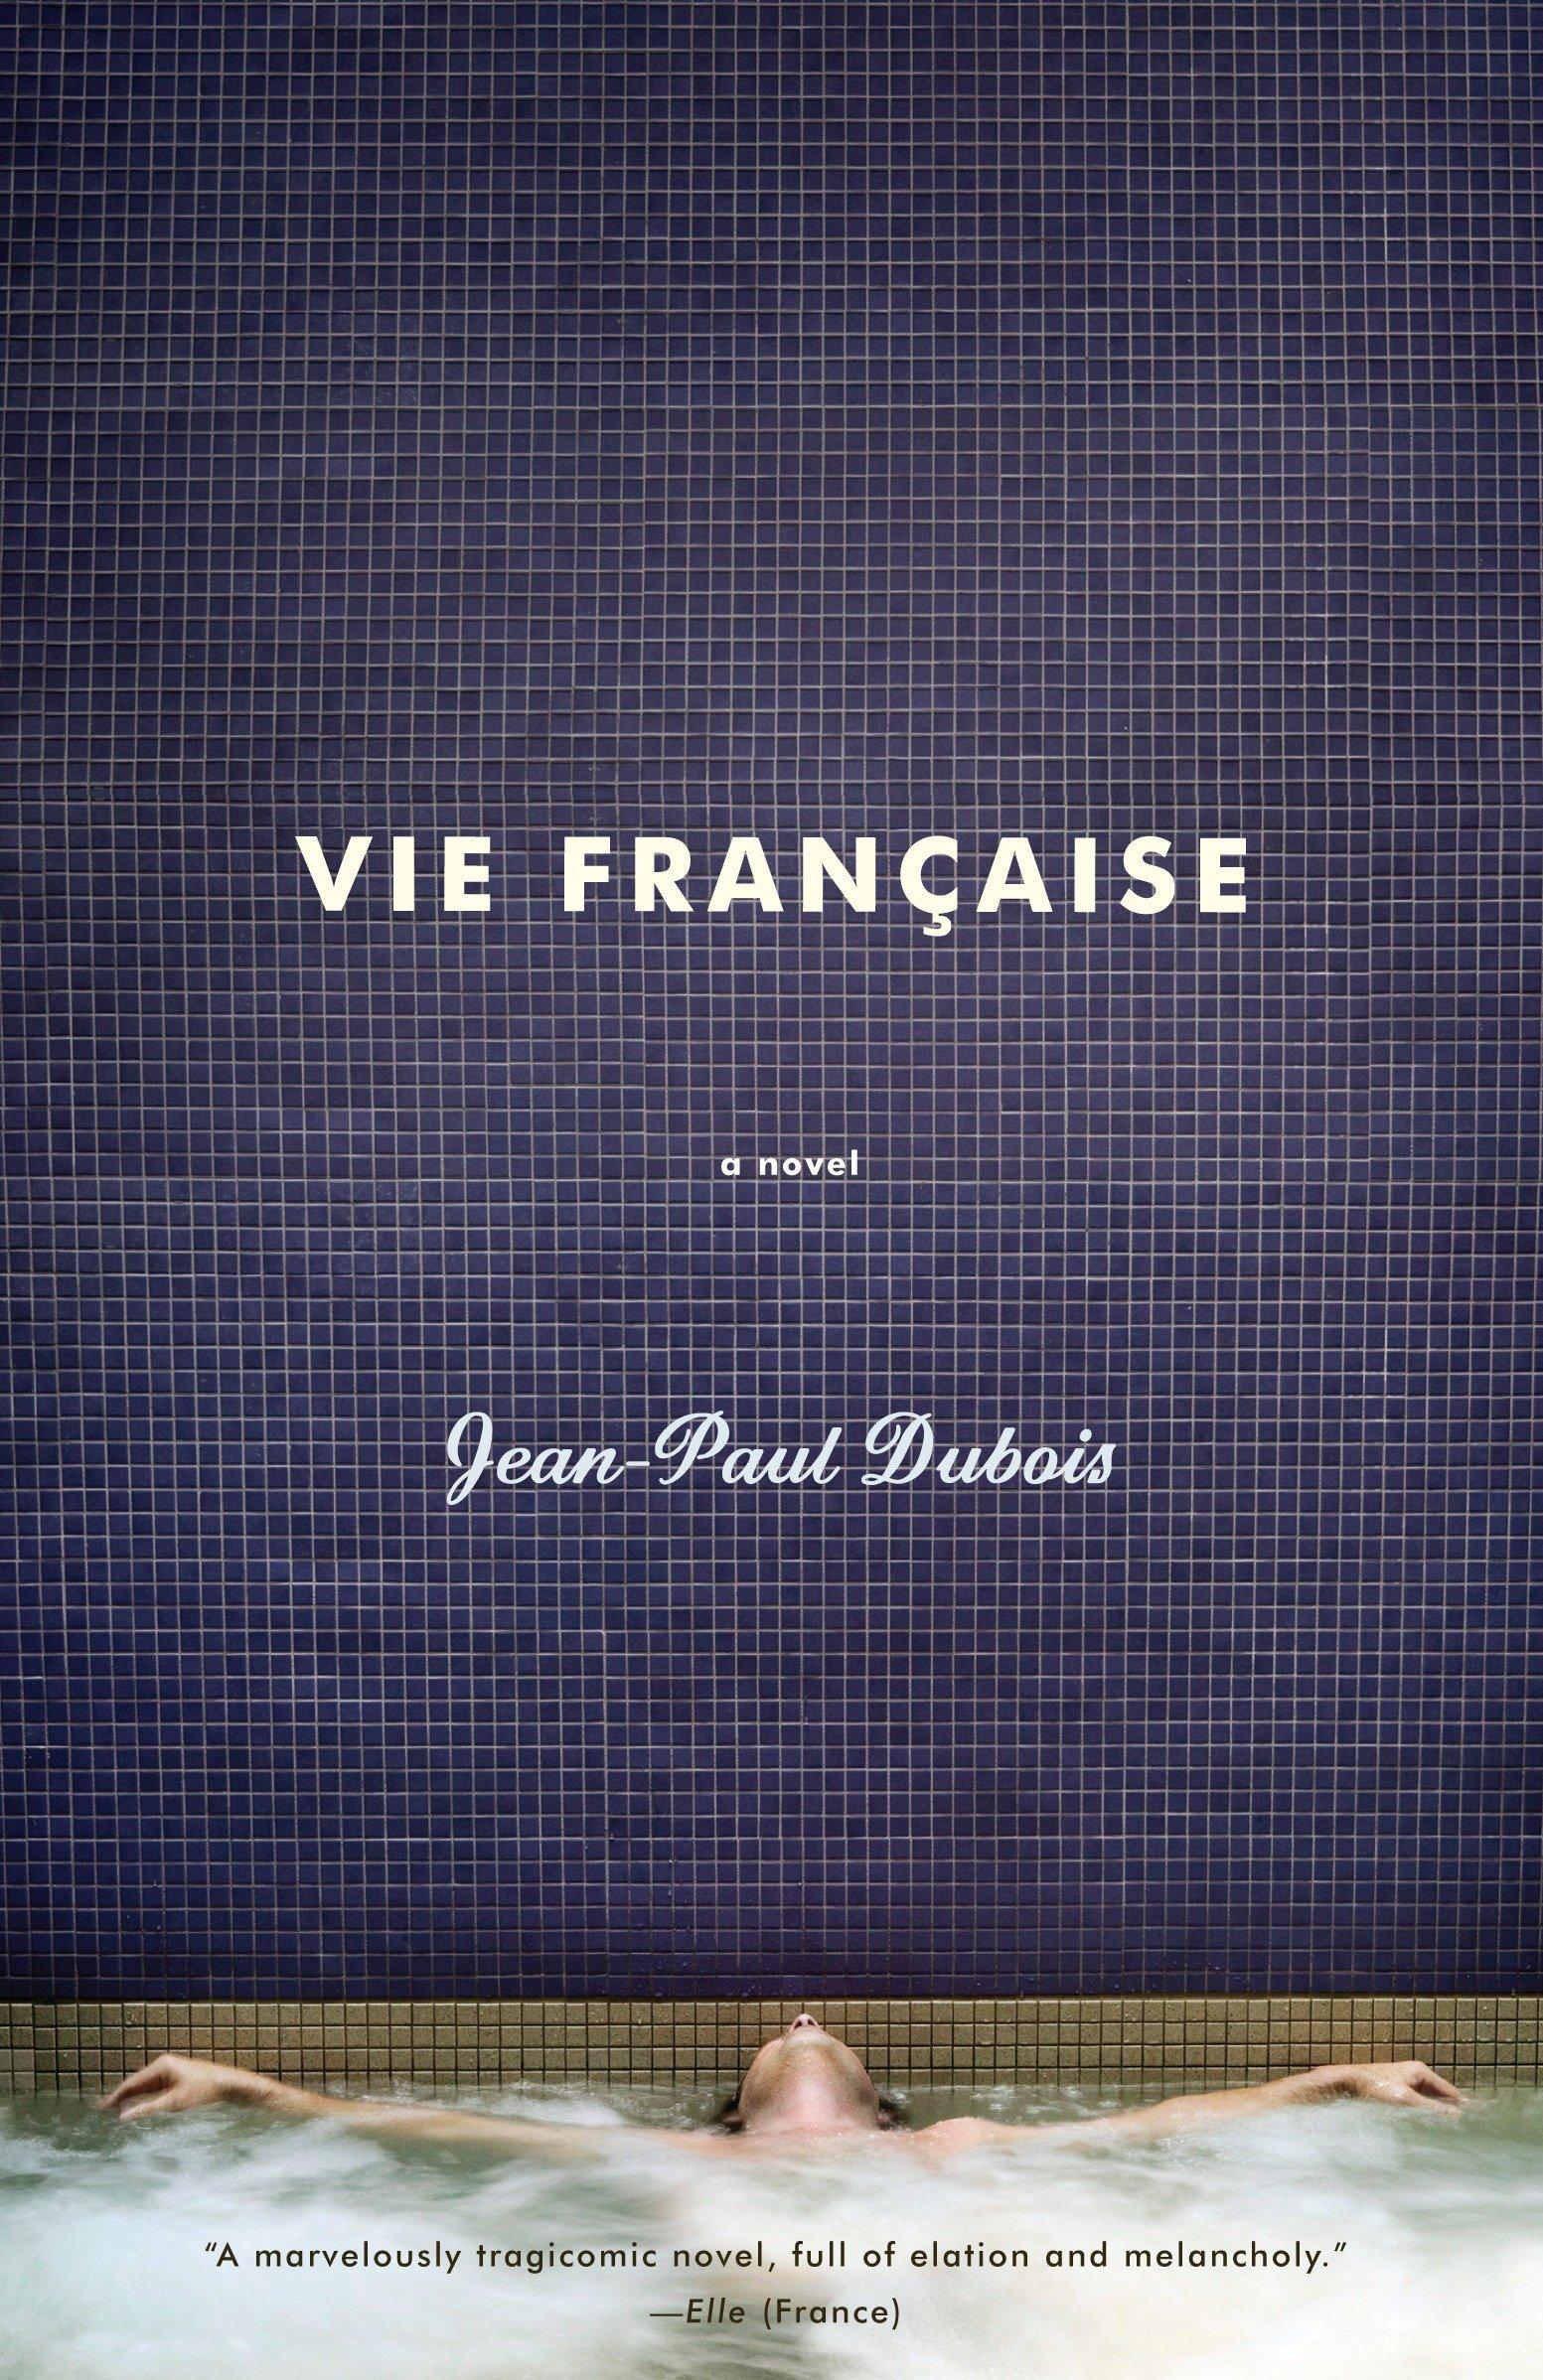 FRENCH TRANSFUSION GRATUITEMENT AUTOMATON TÉLÉCHARGER